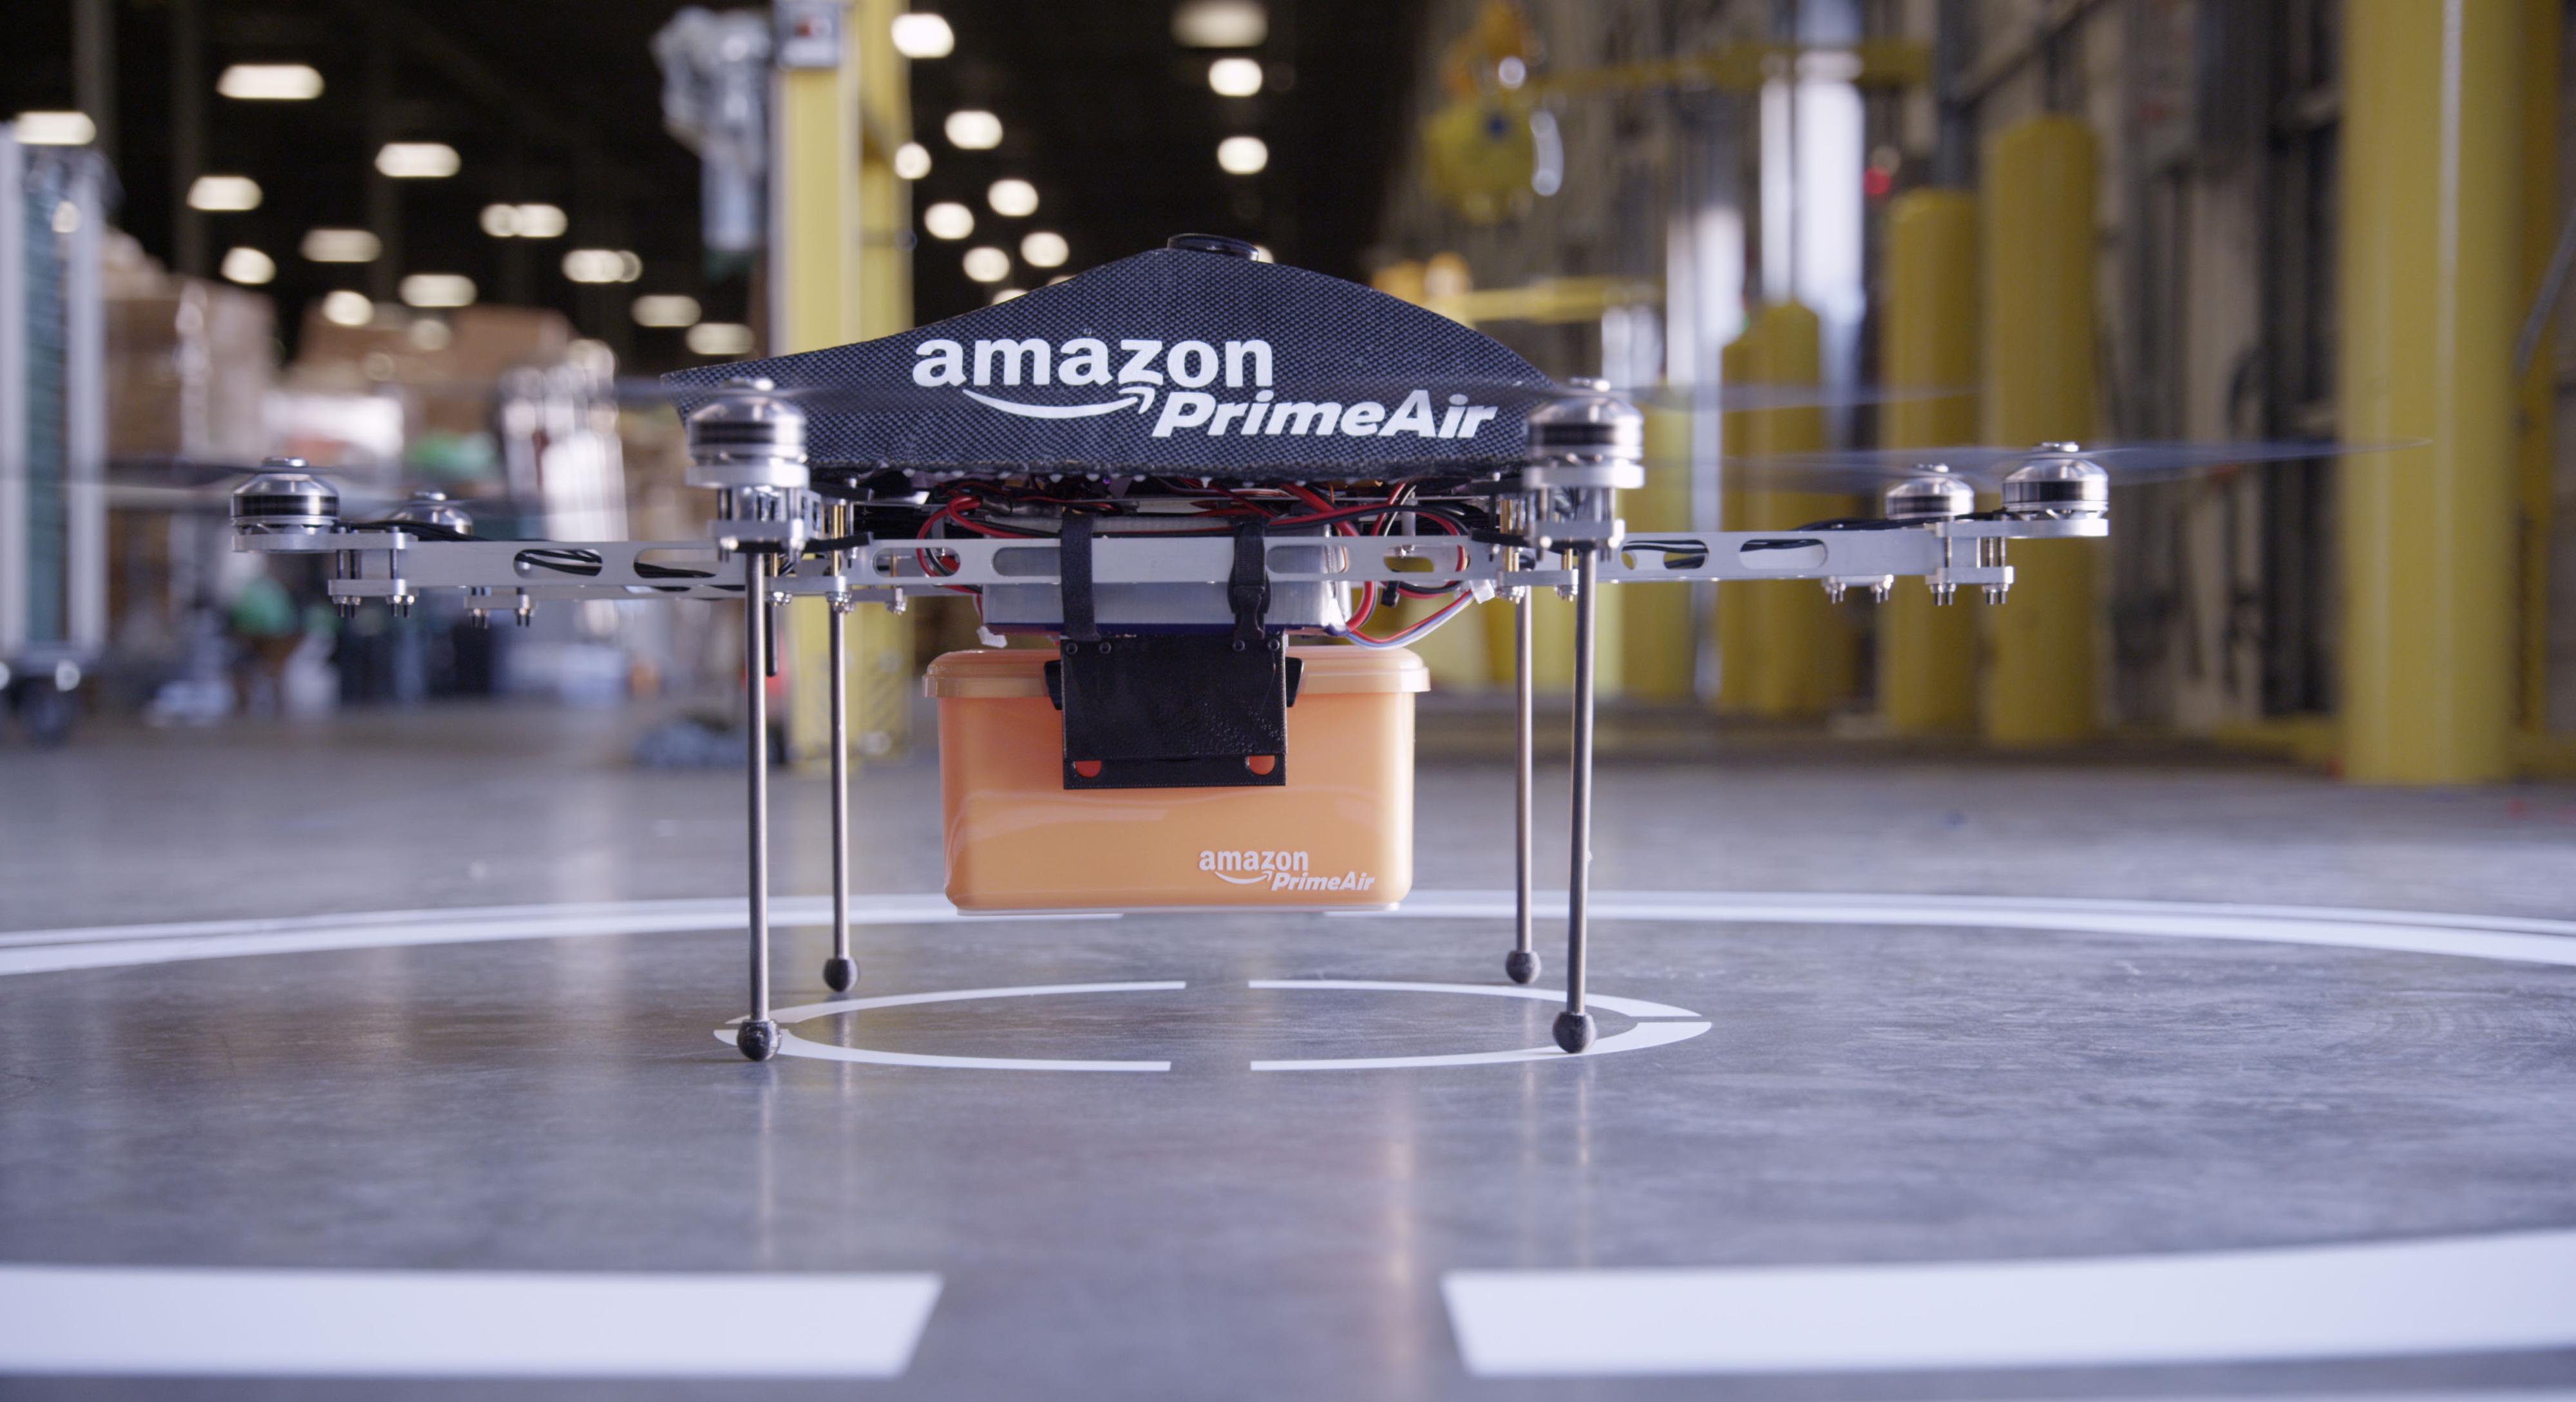 Slik ser de kommende leveringsdronene til Amazon ut.Foto: Amazon